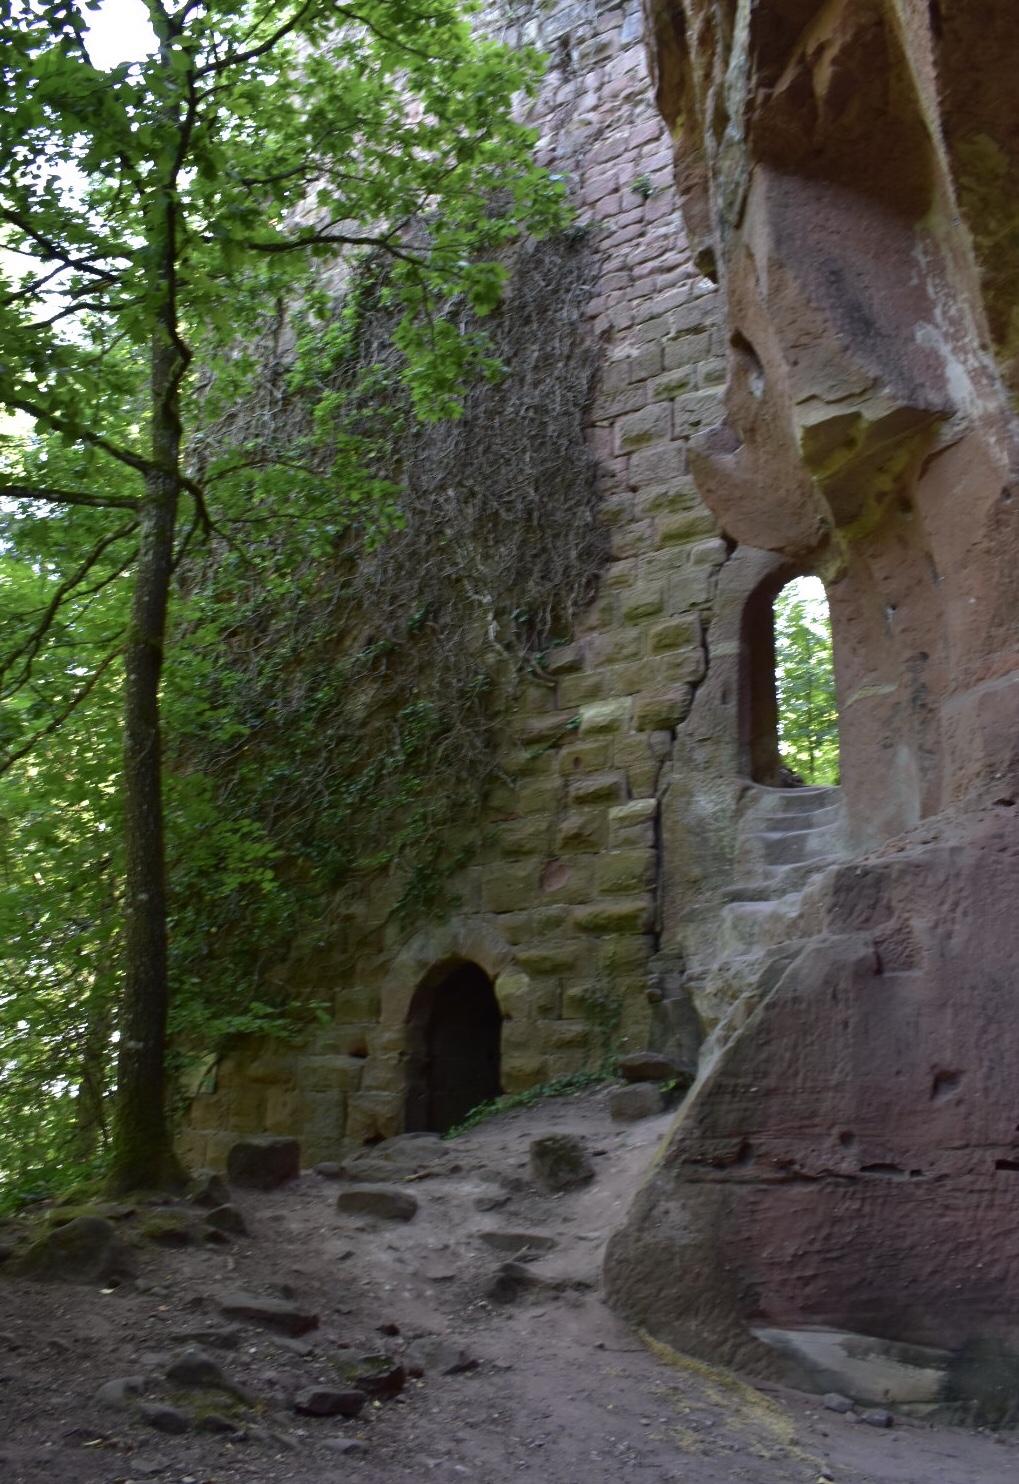 Teile der Ruine der Burg Windstein